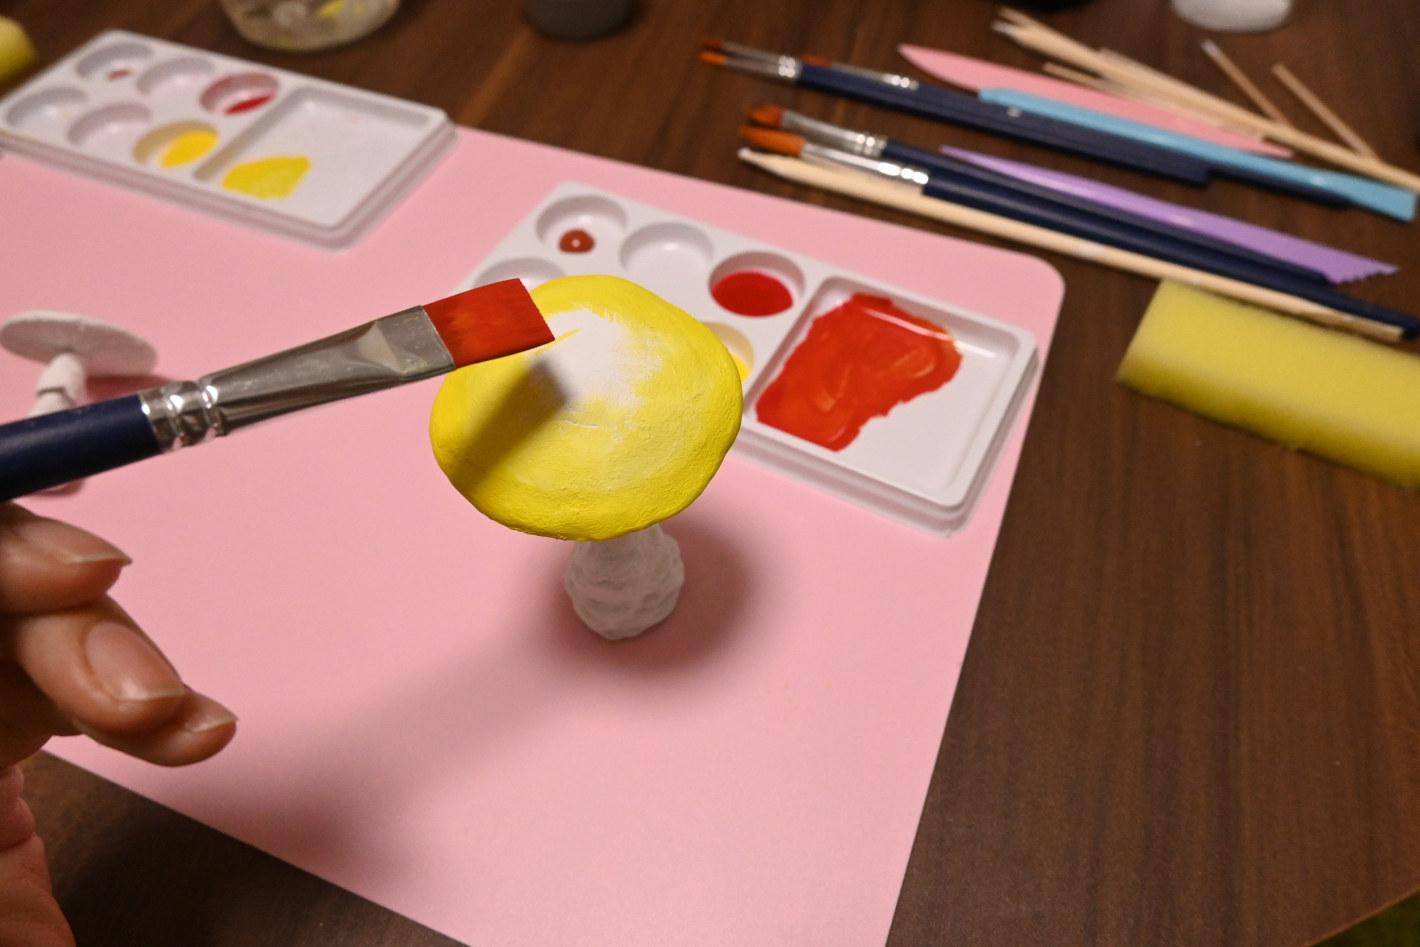 絵本の世界でハリネズミ撮影!ミニチュアセット作りに挑戦してみませんか?